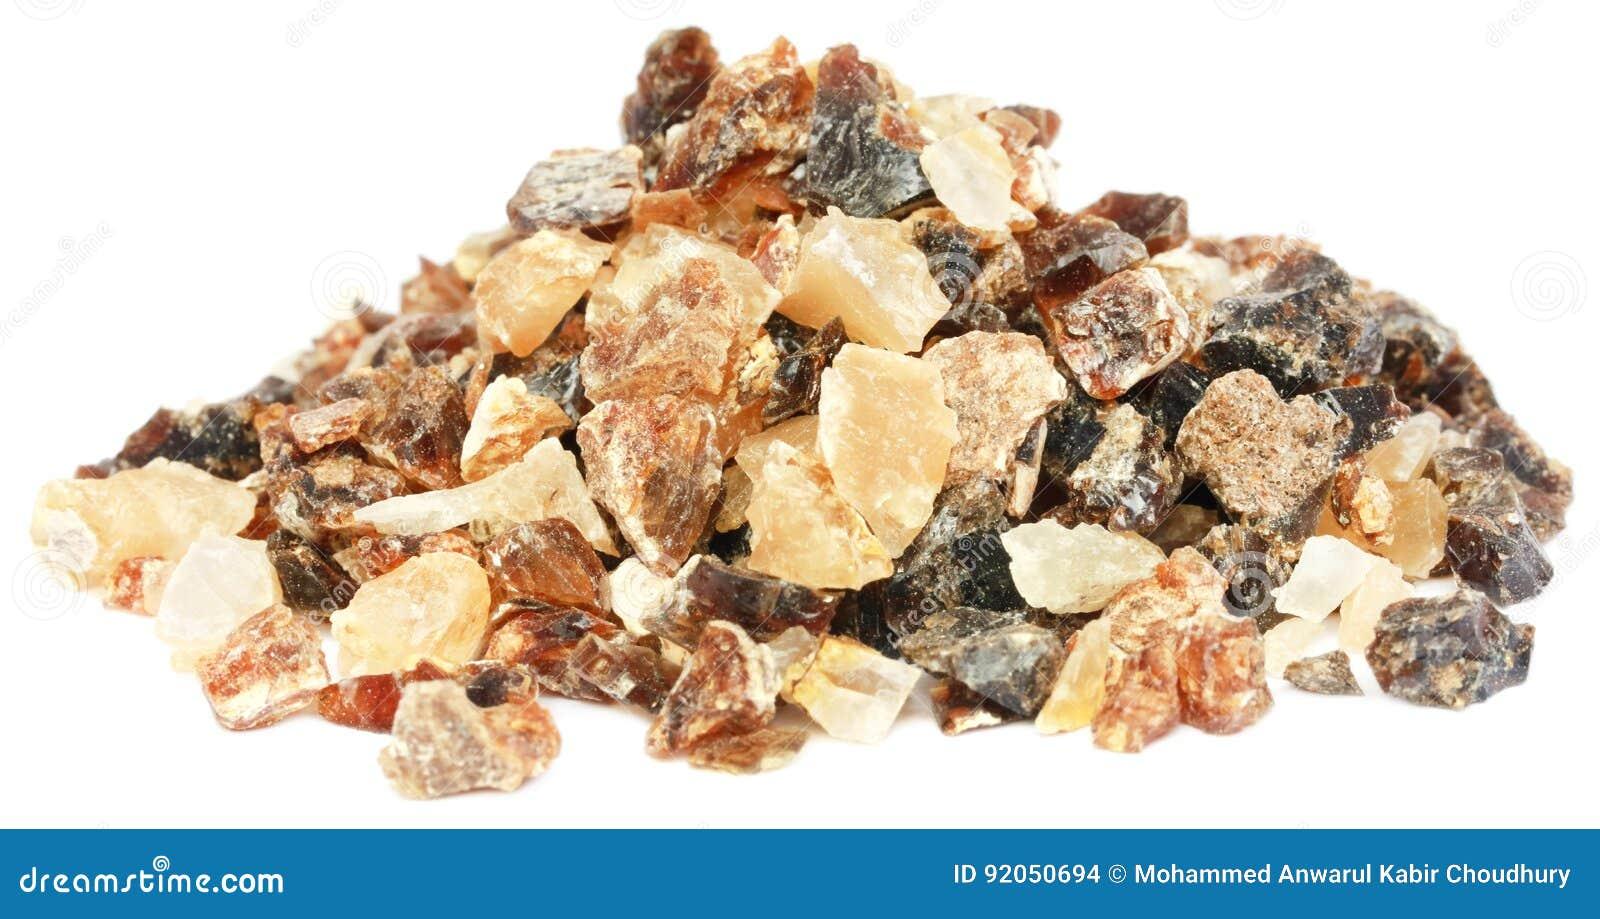 Dhoop del incienso, una resina aromática natural